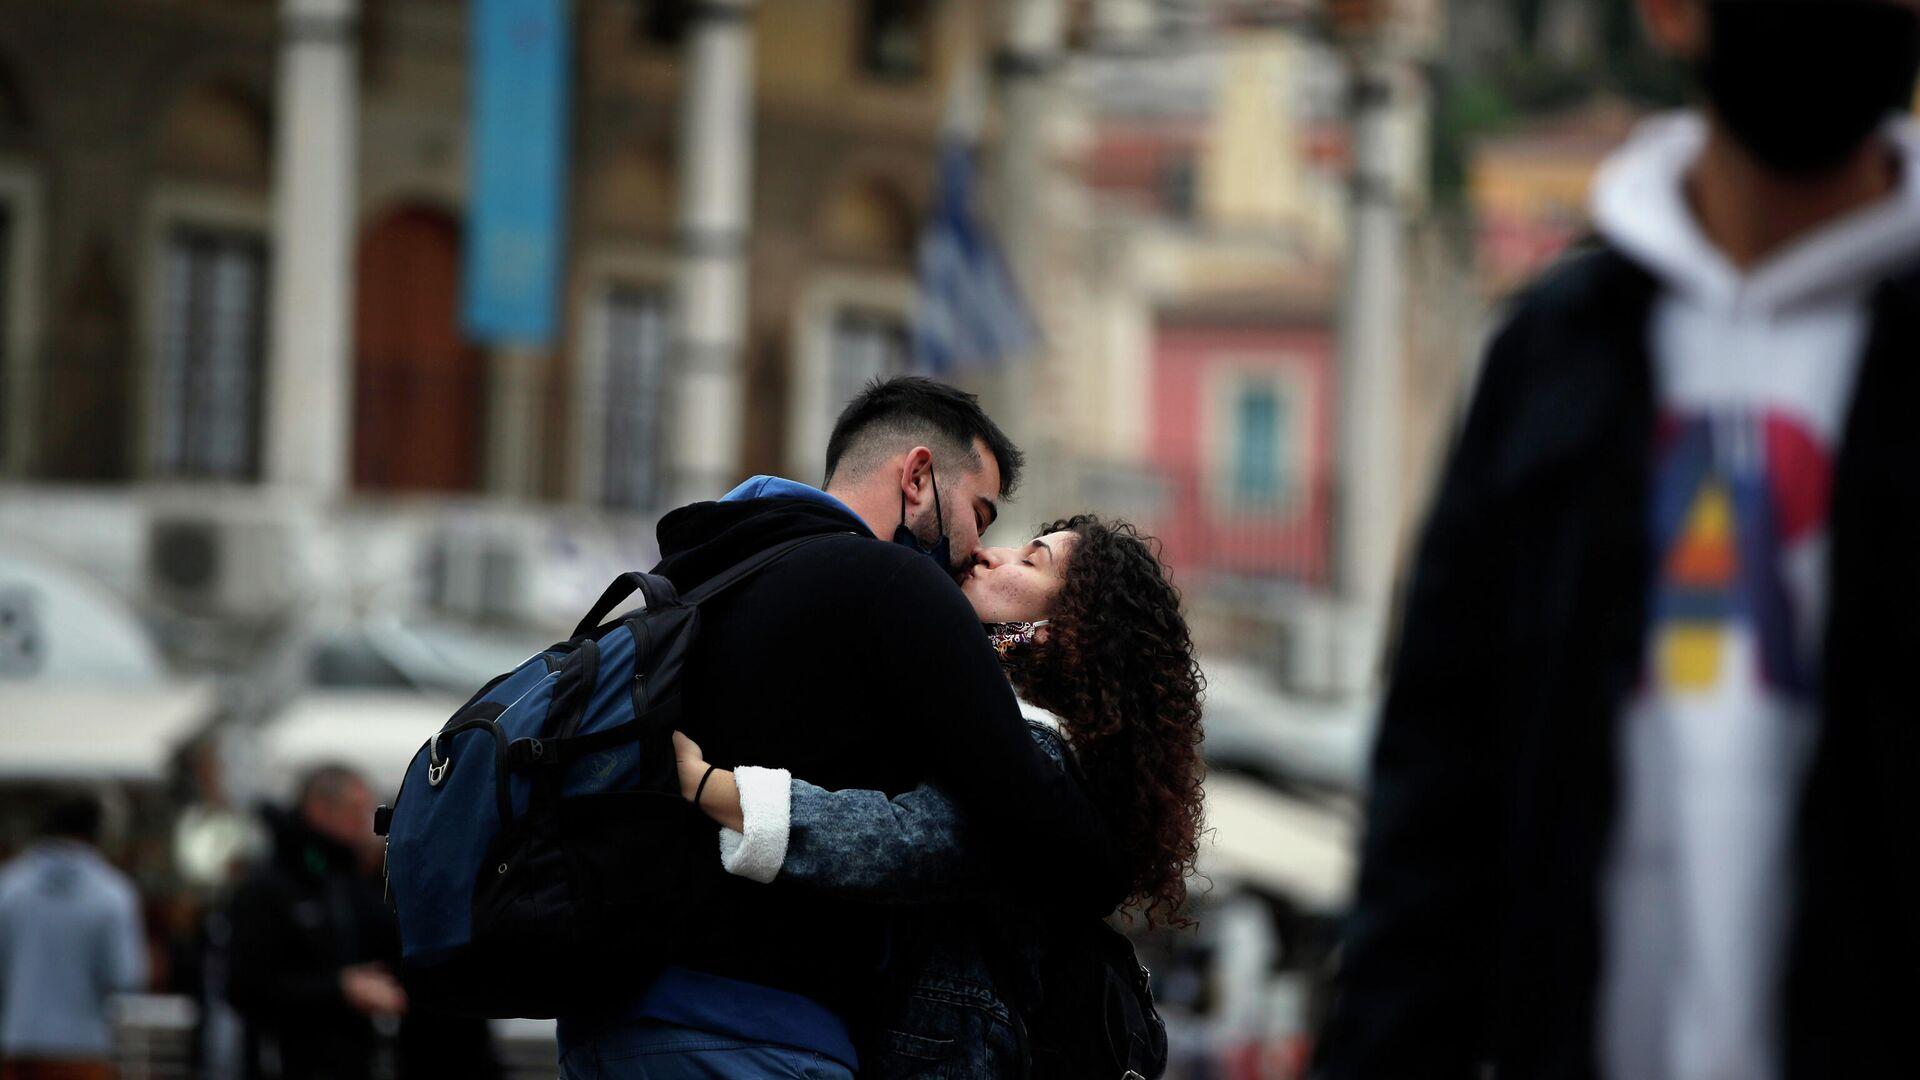 Φιλιά στο κέντρο της Αθήνας - Sputnik Ελλάδα, 1920, 22.09.2021